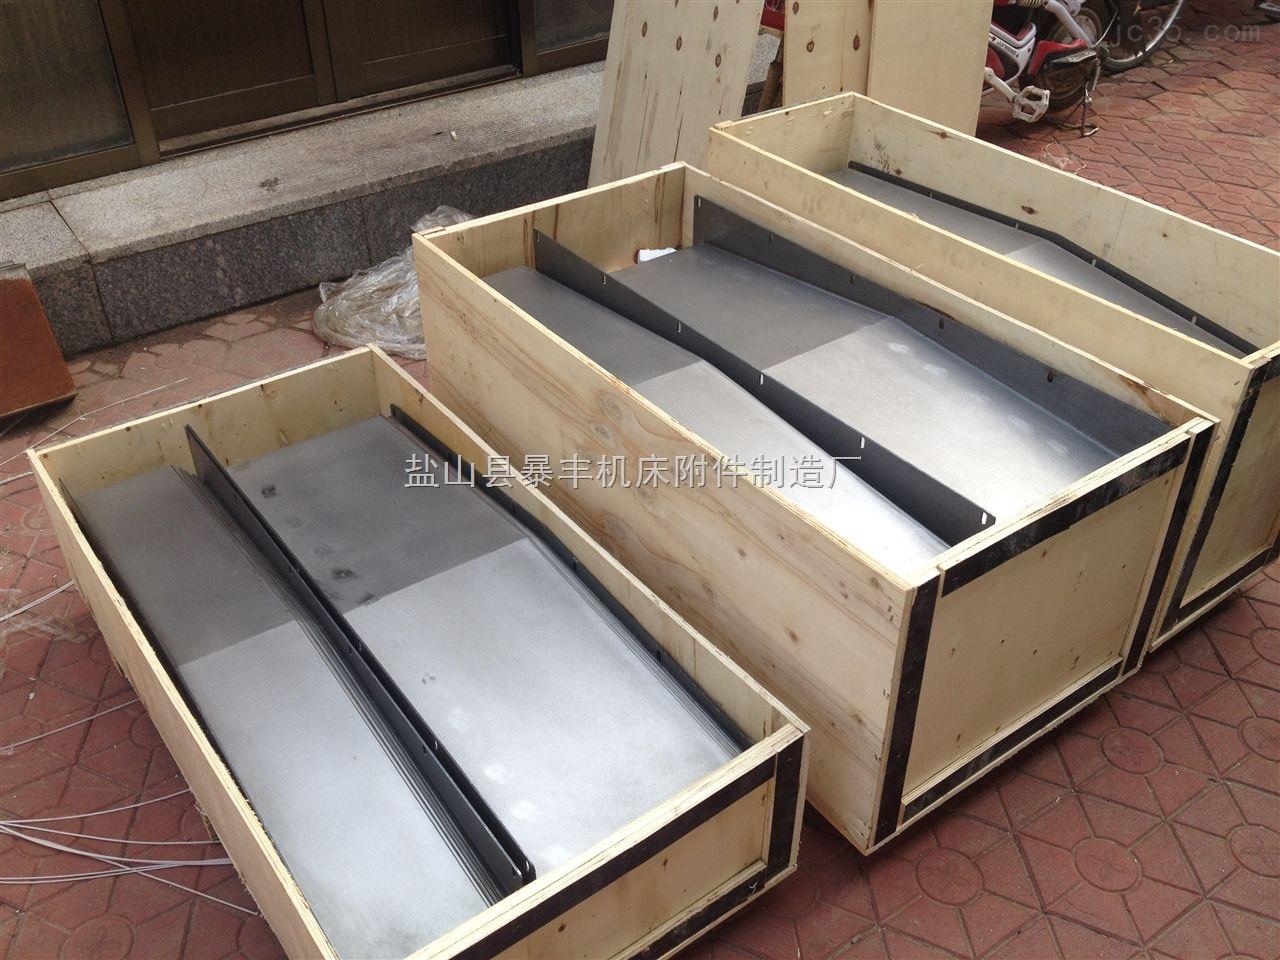 钢板防护罩生产厂家